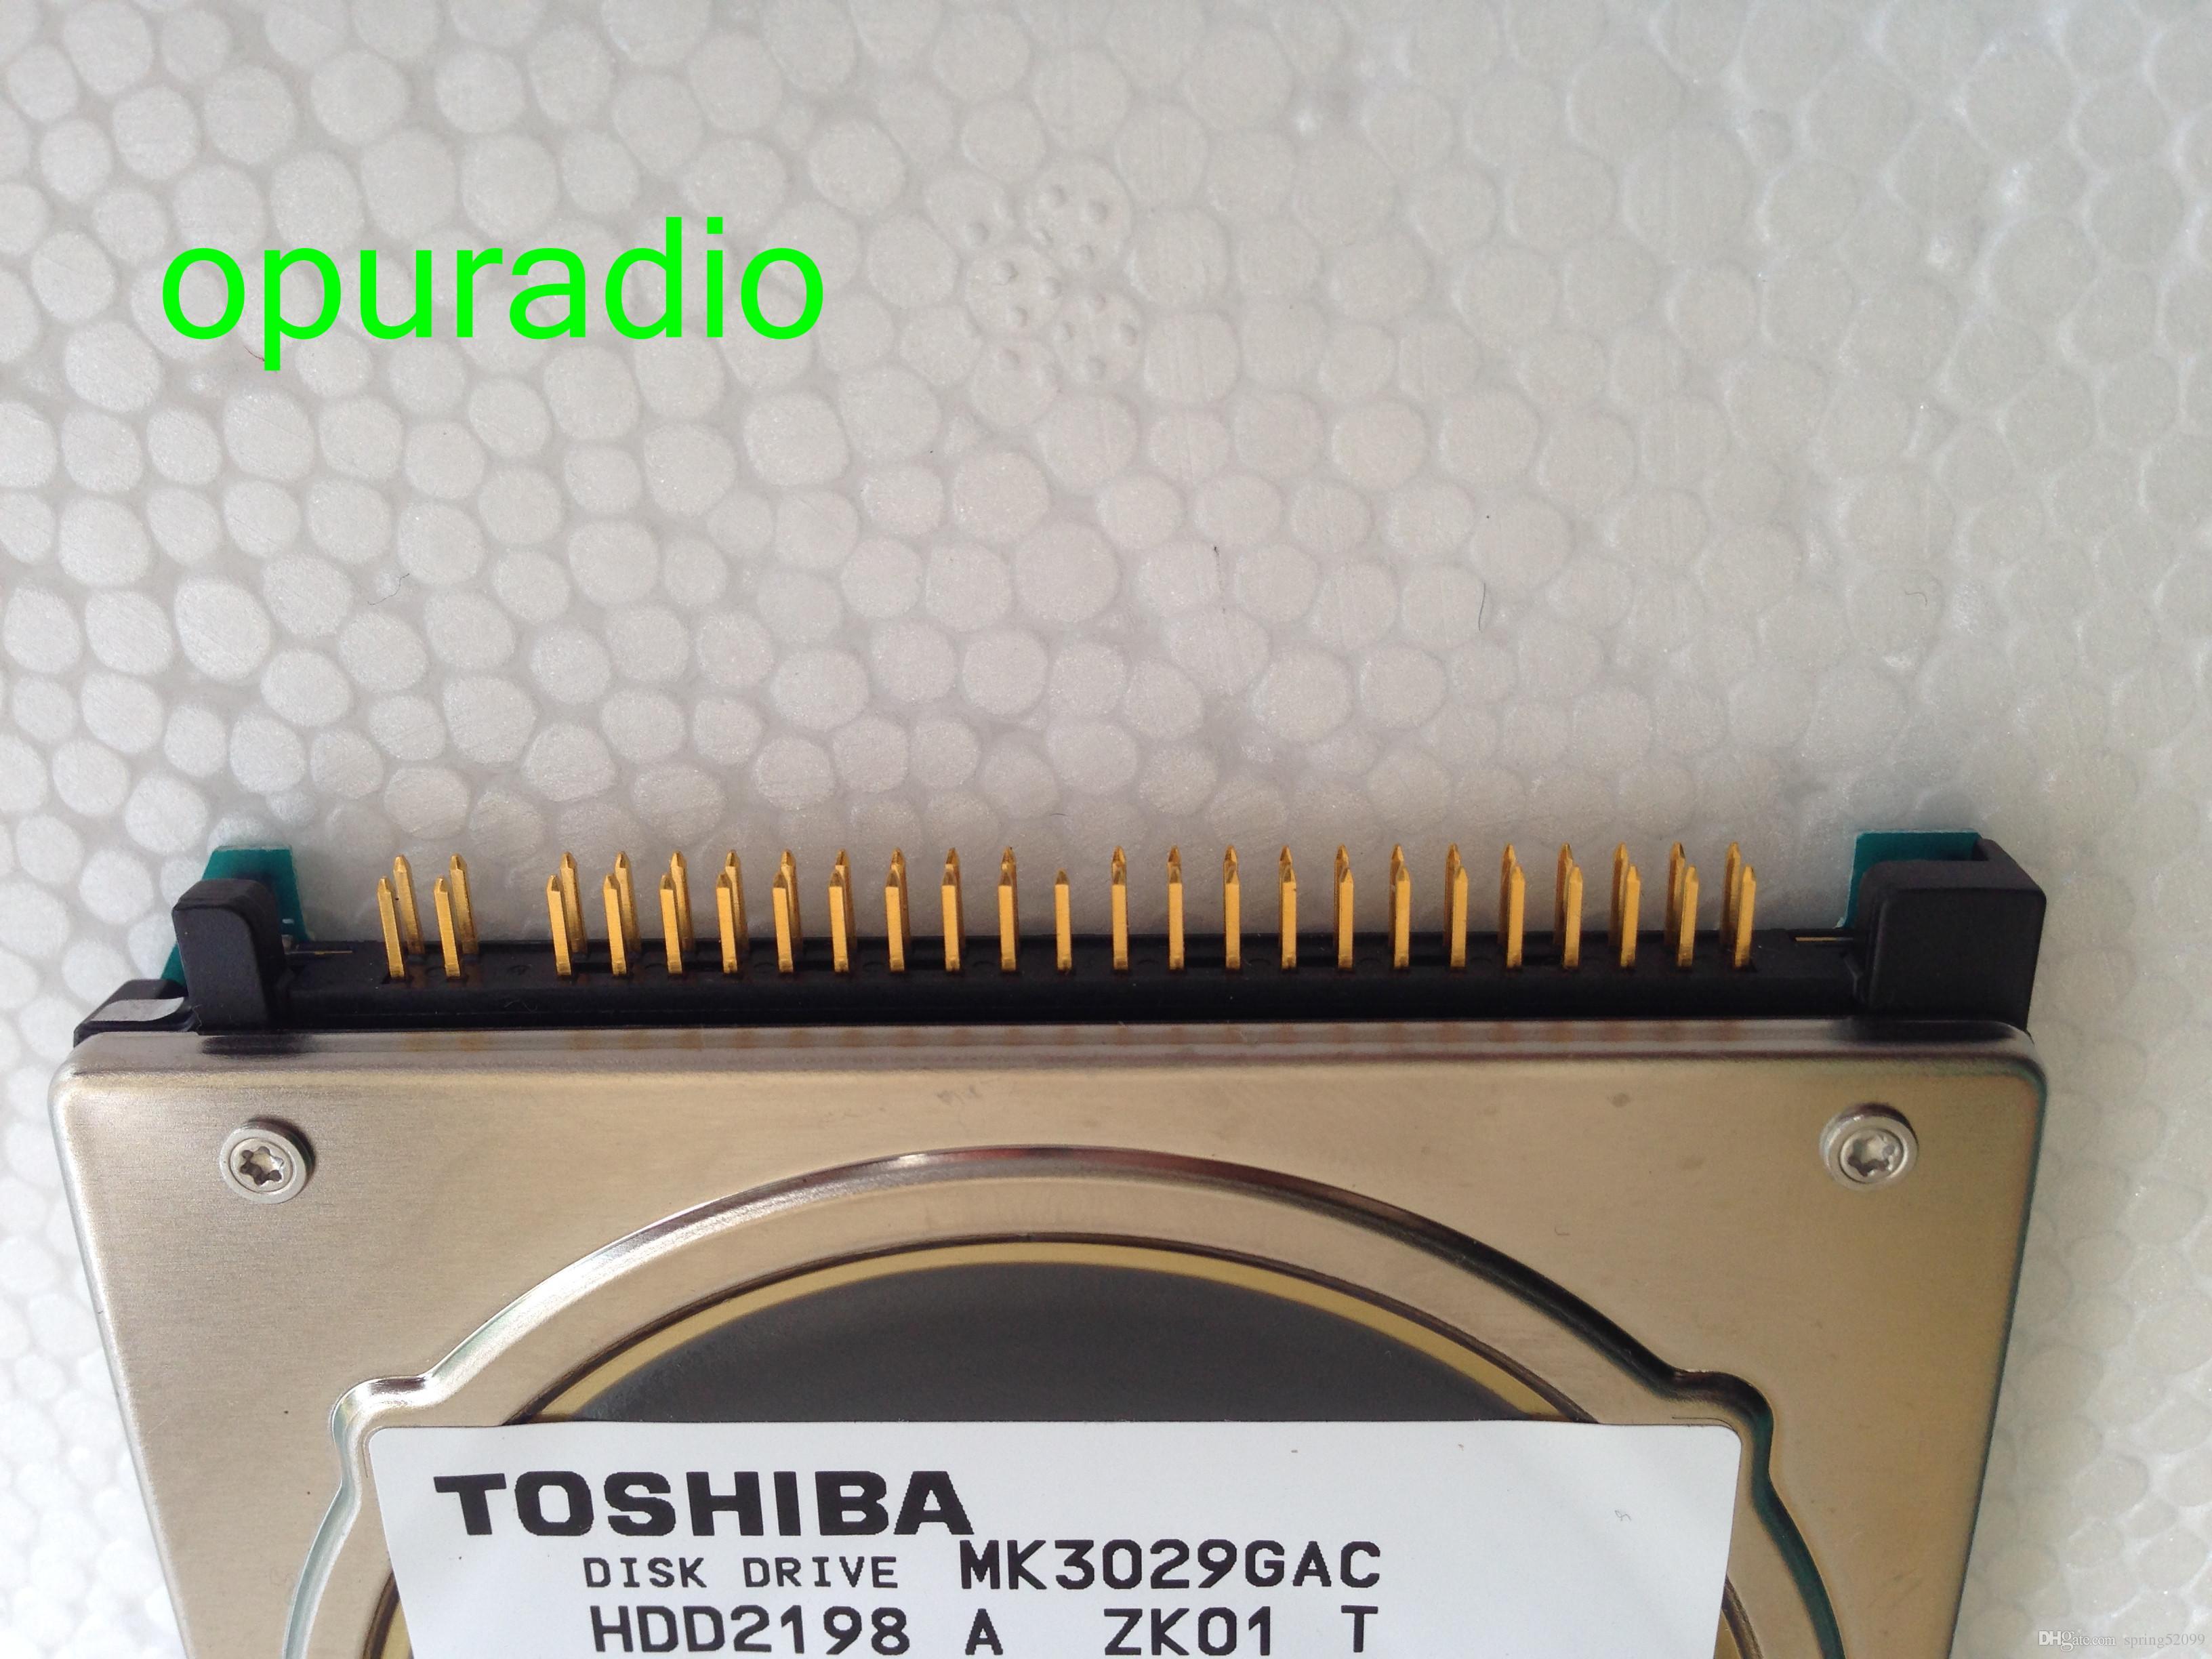 DISK DRIVE MK3029GAC hard disk 30GB HDD2198 DC+5V 1.1A 8455MB for Peugeot 407 C5 RT4 chrysler HDD alpine car navigation audio